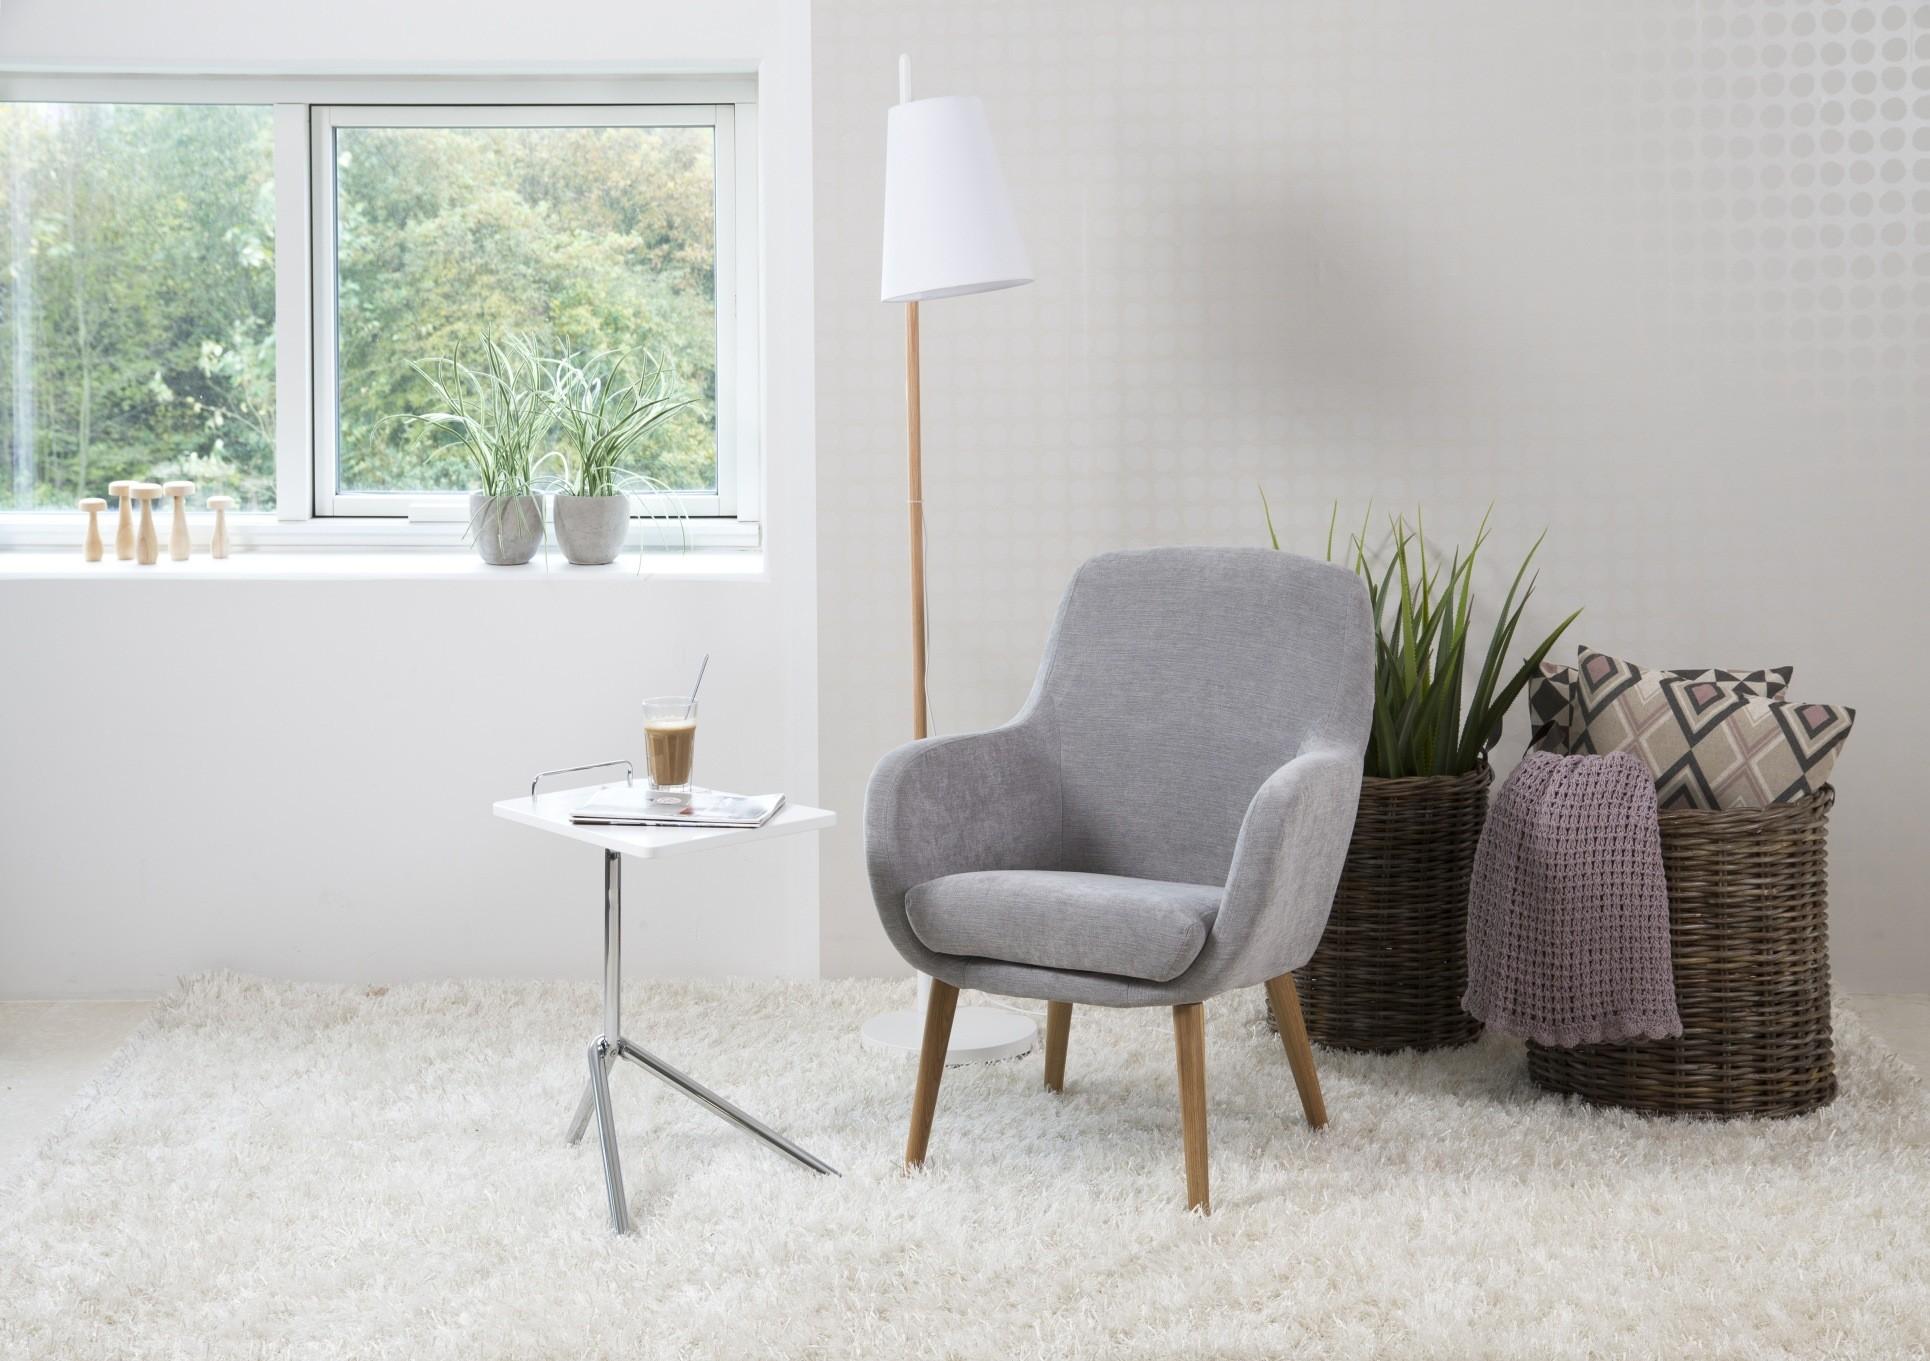 24Designs Relax Fauteuil - Sandy - Stof - Lichtgrijs